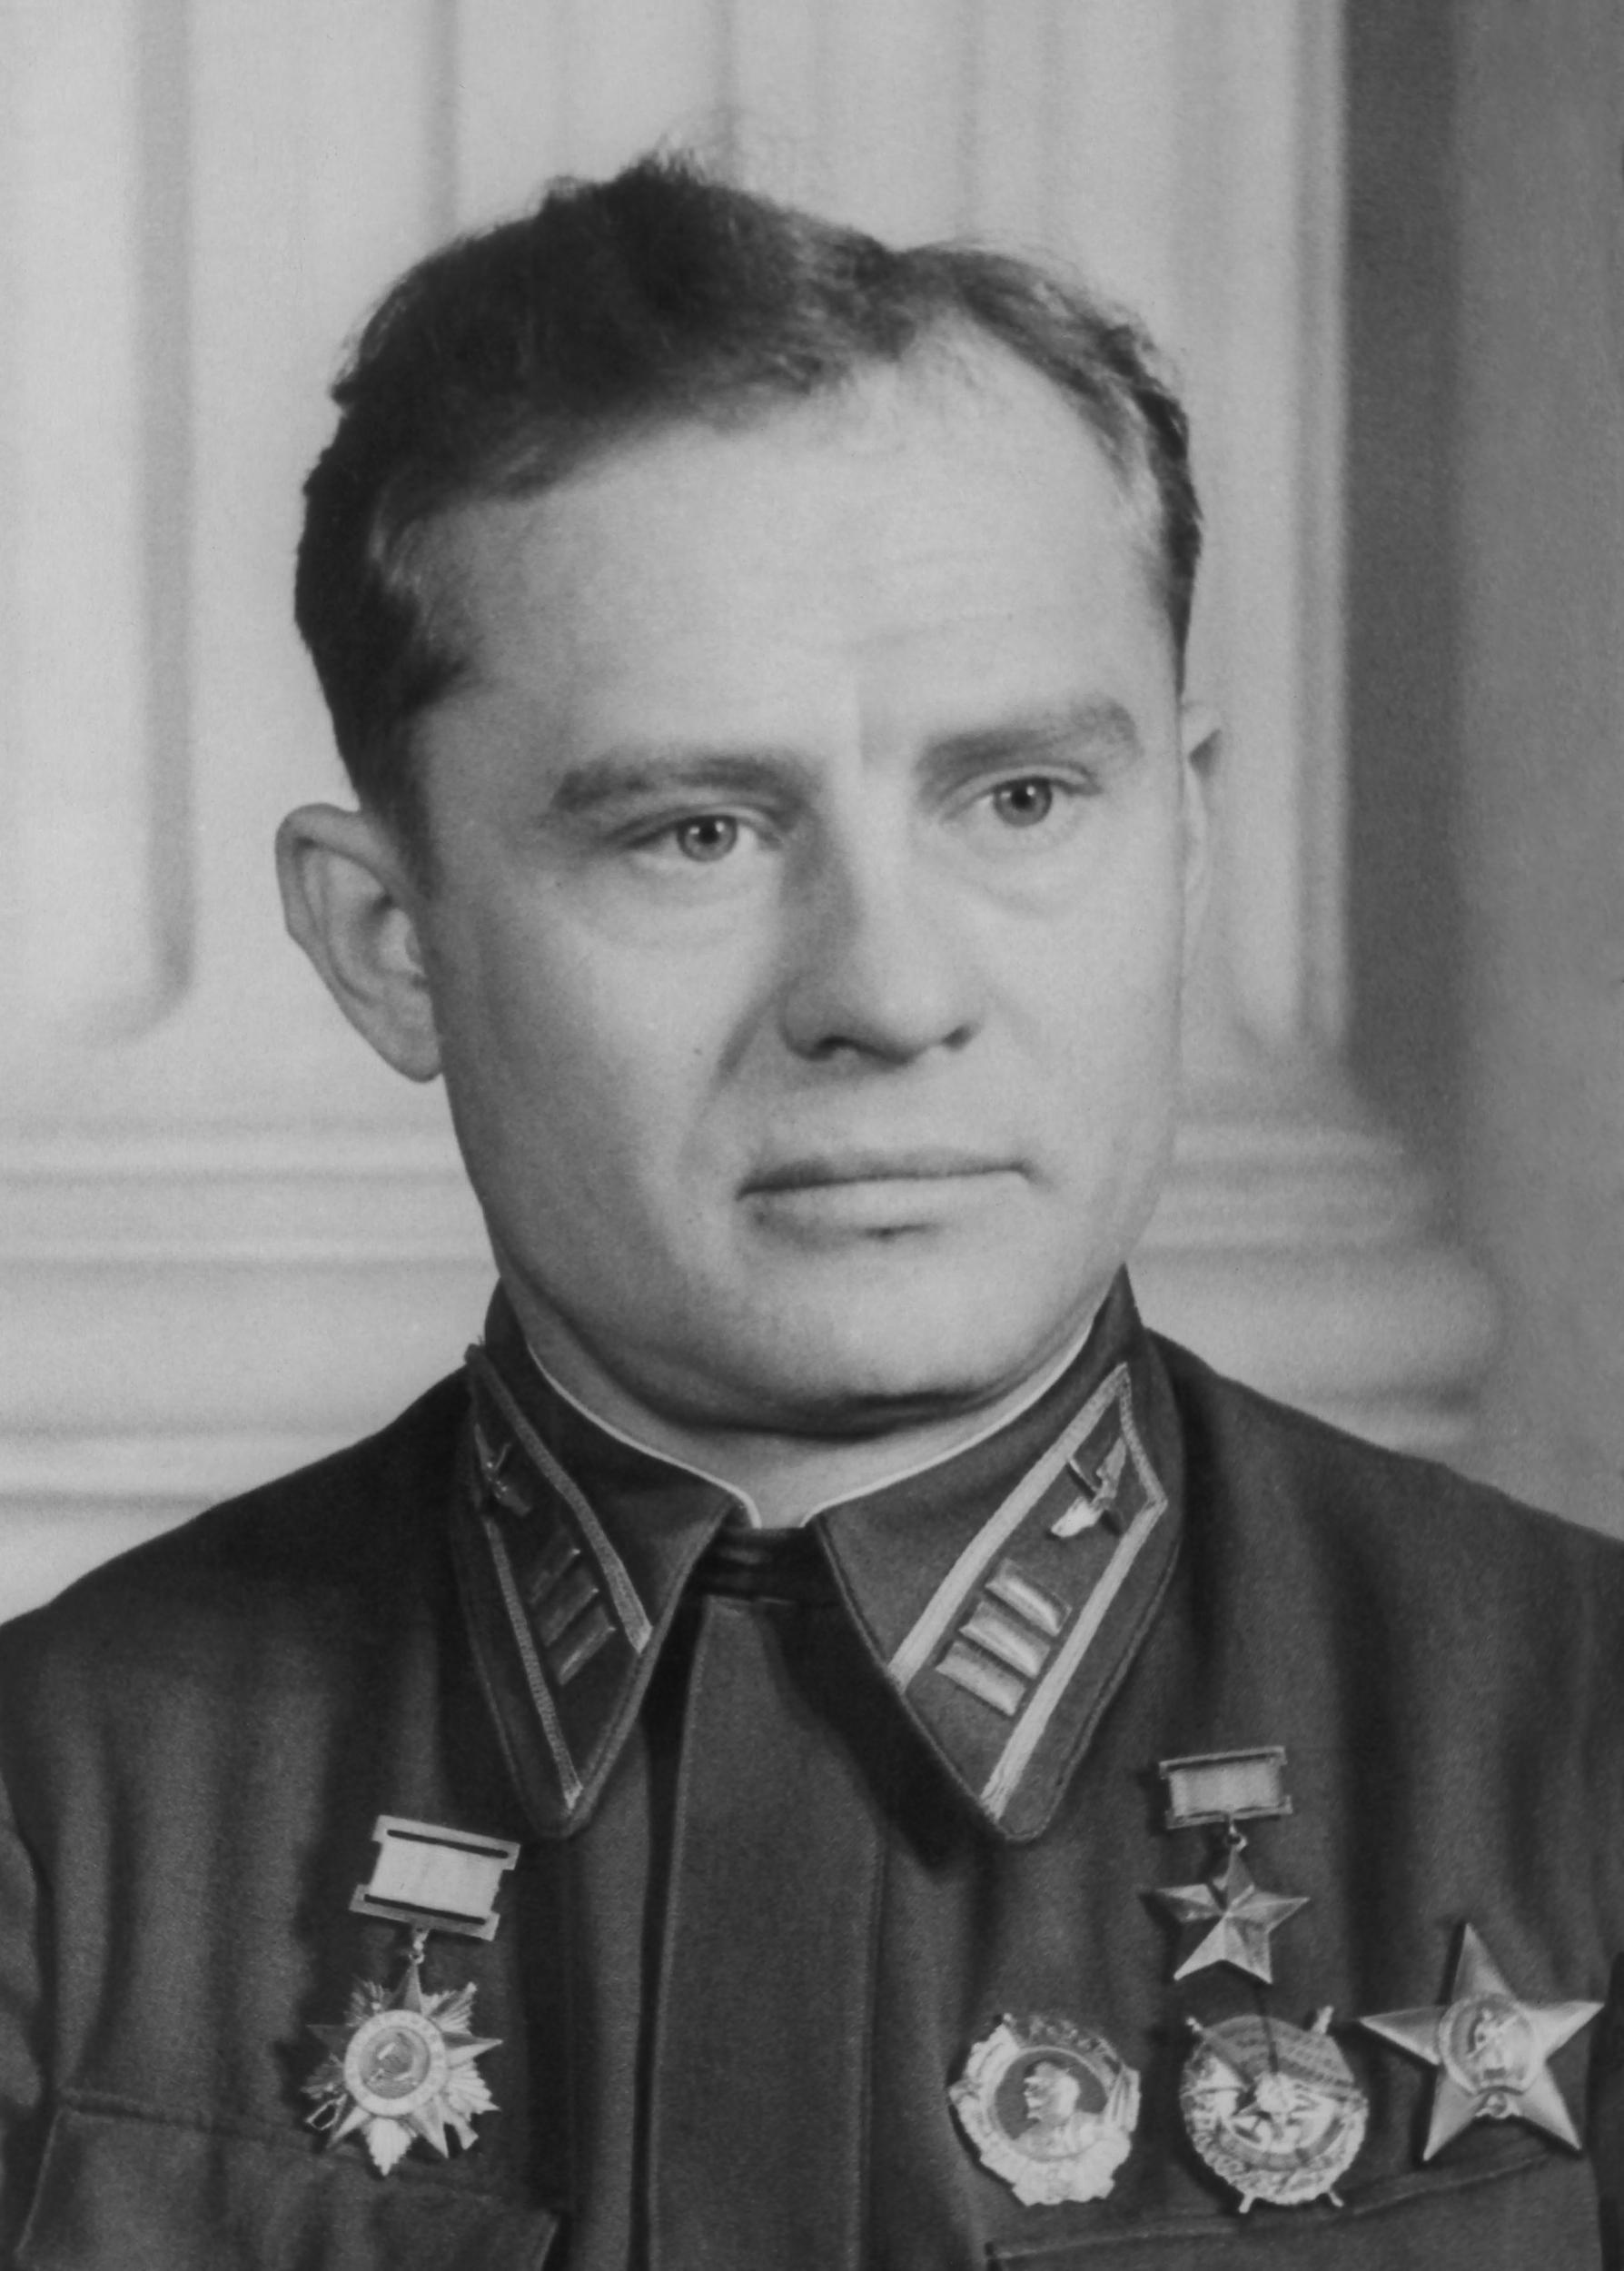 Герой Советского Союза Пусэп Эндель Карлович